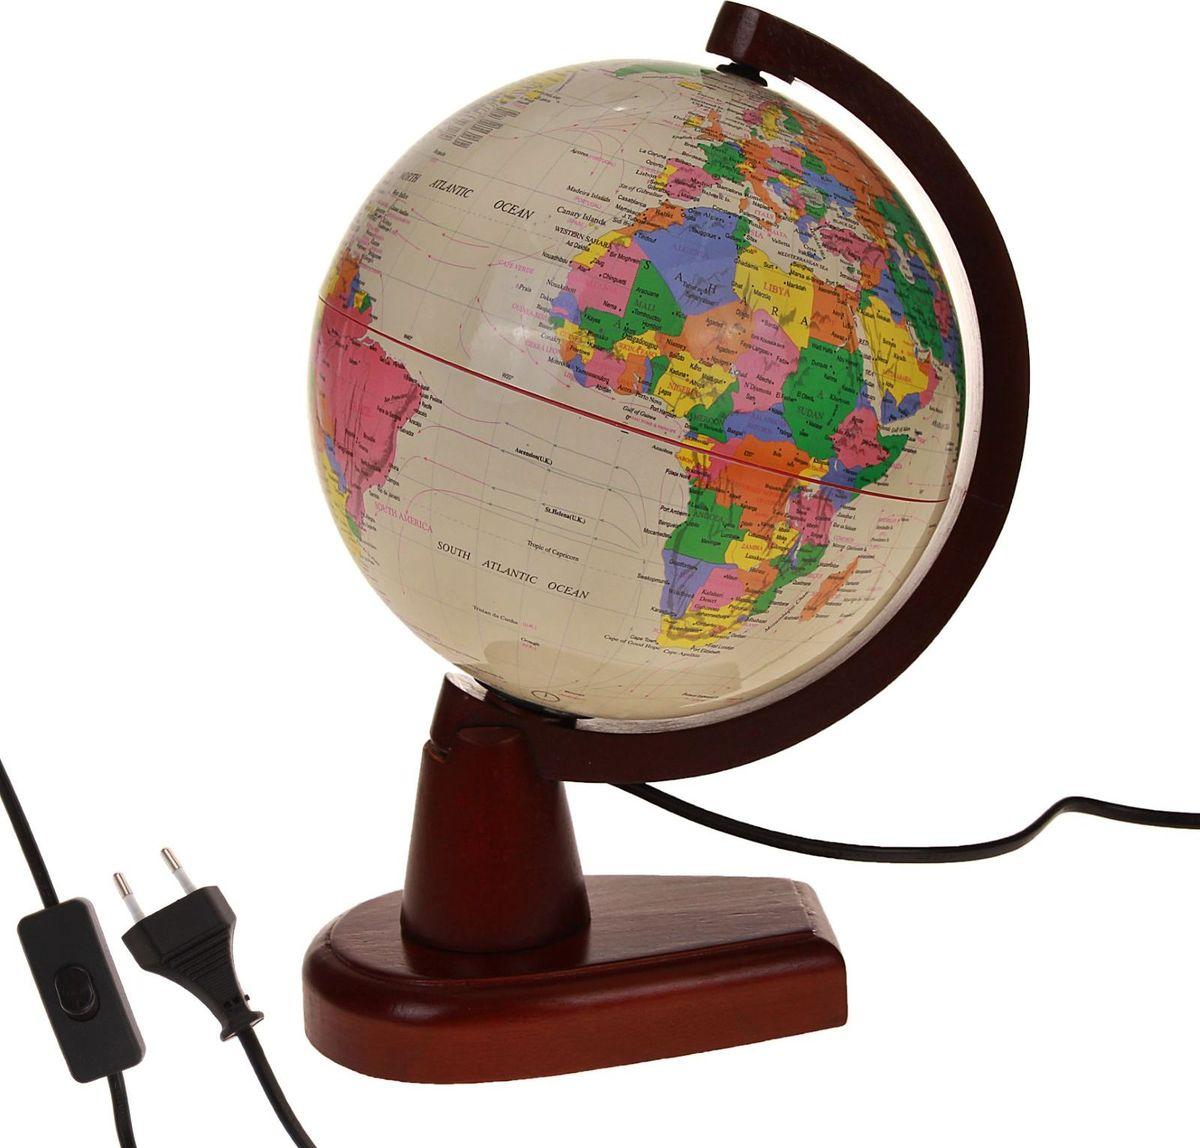 Глобус Политическая карта на английском языке диаметр 20 см186790Данная модель дает представление о политическом устройстве мира. Макет показывает расположение государств, столиц и крупных населенных пунктов. Названия всех объектов приведены на английском языке. Страны окрашены в разные цвета, чтобы вам было удобнее ориентироваться. На глобусе также отображены: экватор параллели меридианы градусы государственные границы демаркационные линии. Используйте изделие как ночник. Он оснащен мягкой, приглушенной LED-подсветкой. Характеристики Высота глобуса с подставкой: 33 см. Диаметр: 20 см. Масштаб: 1:63 000 000. Изготовлен из прочного пластика.